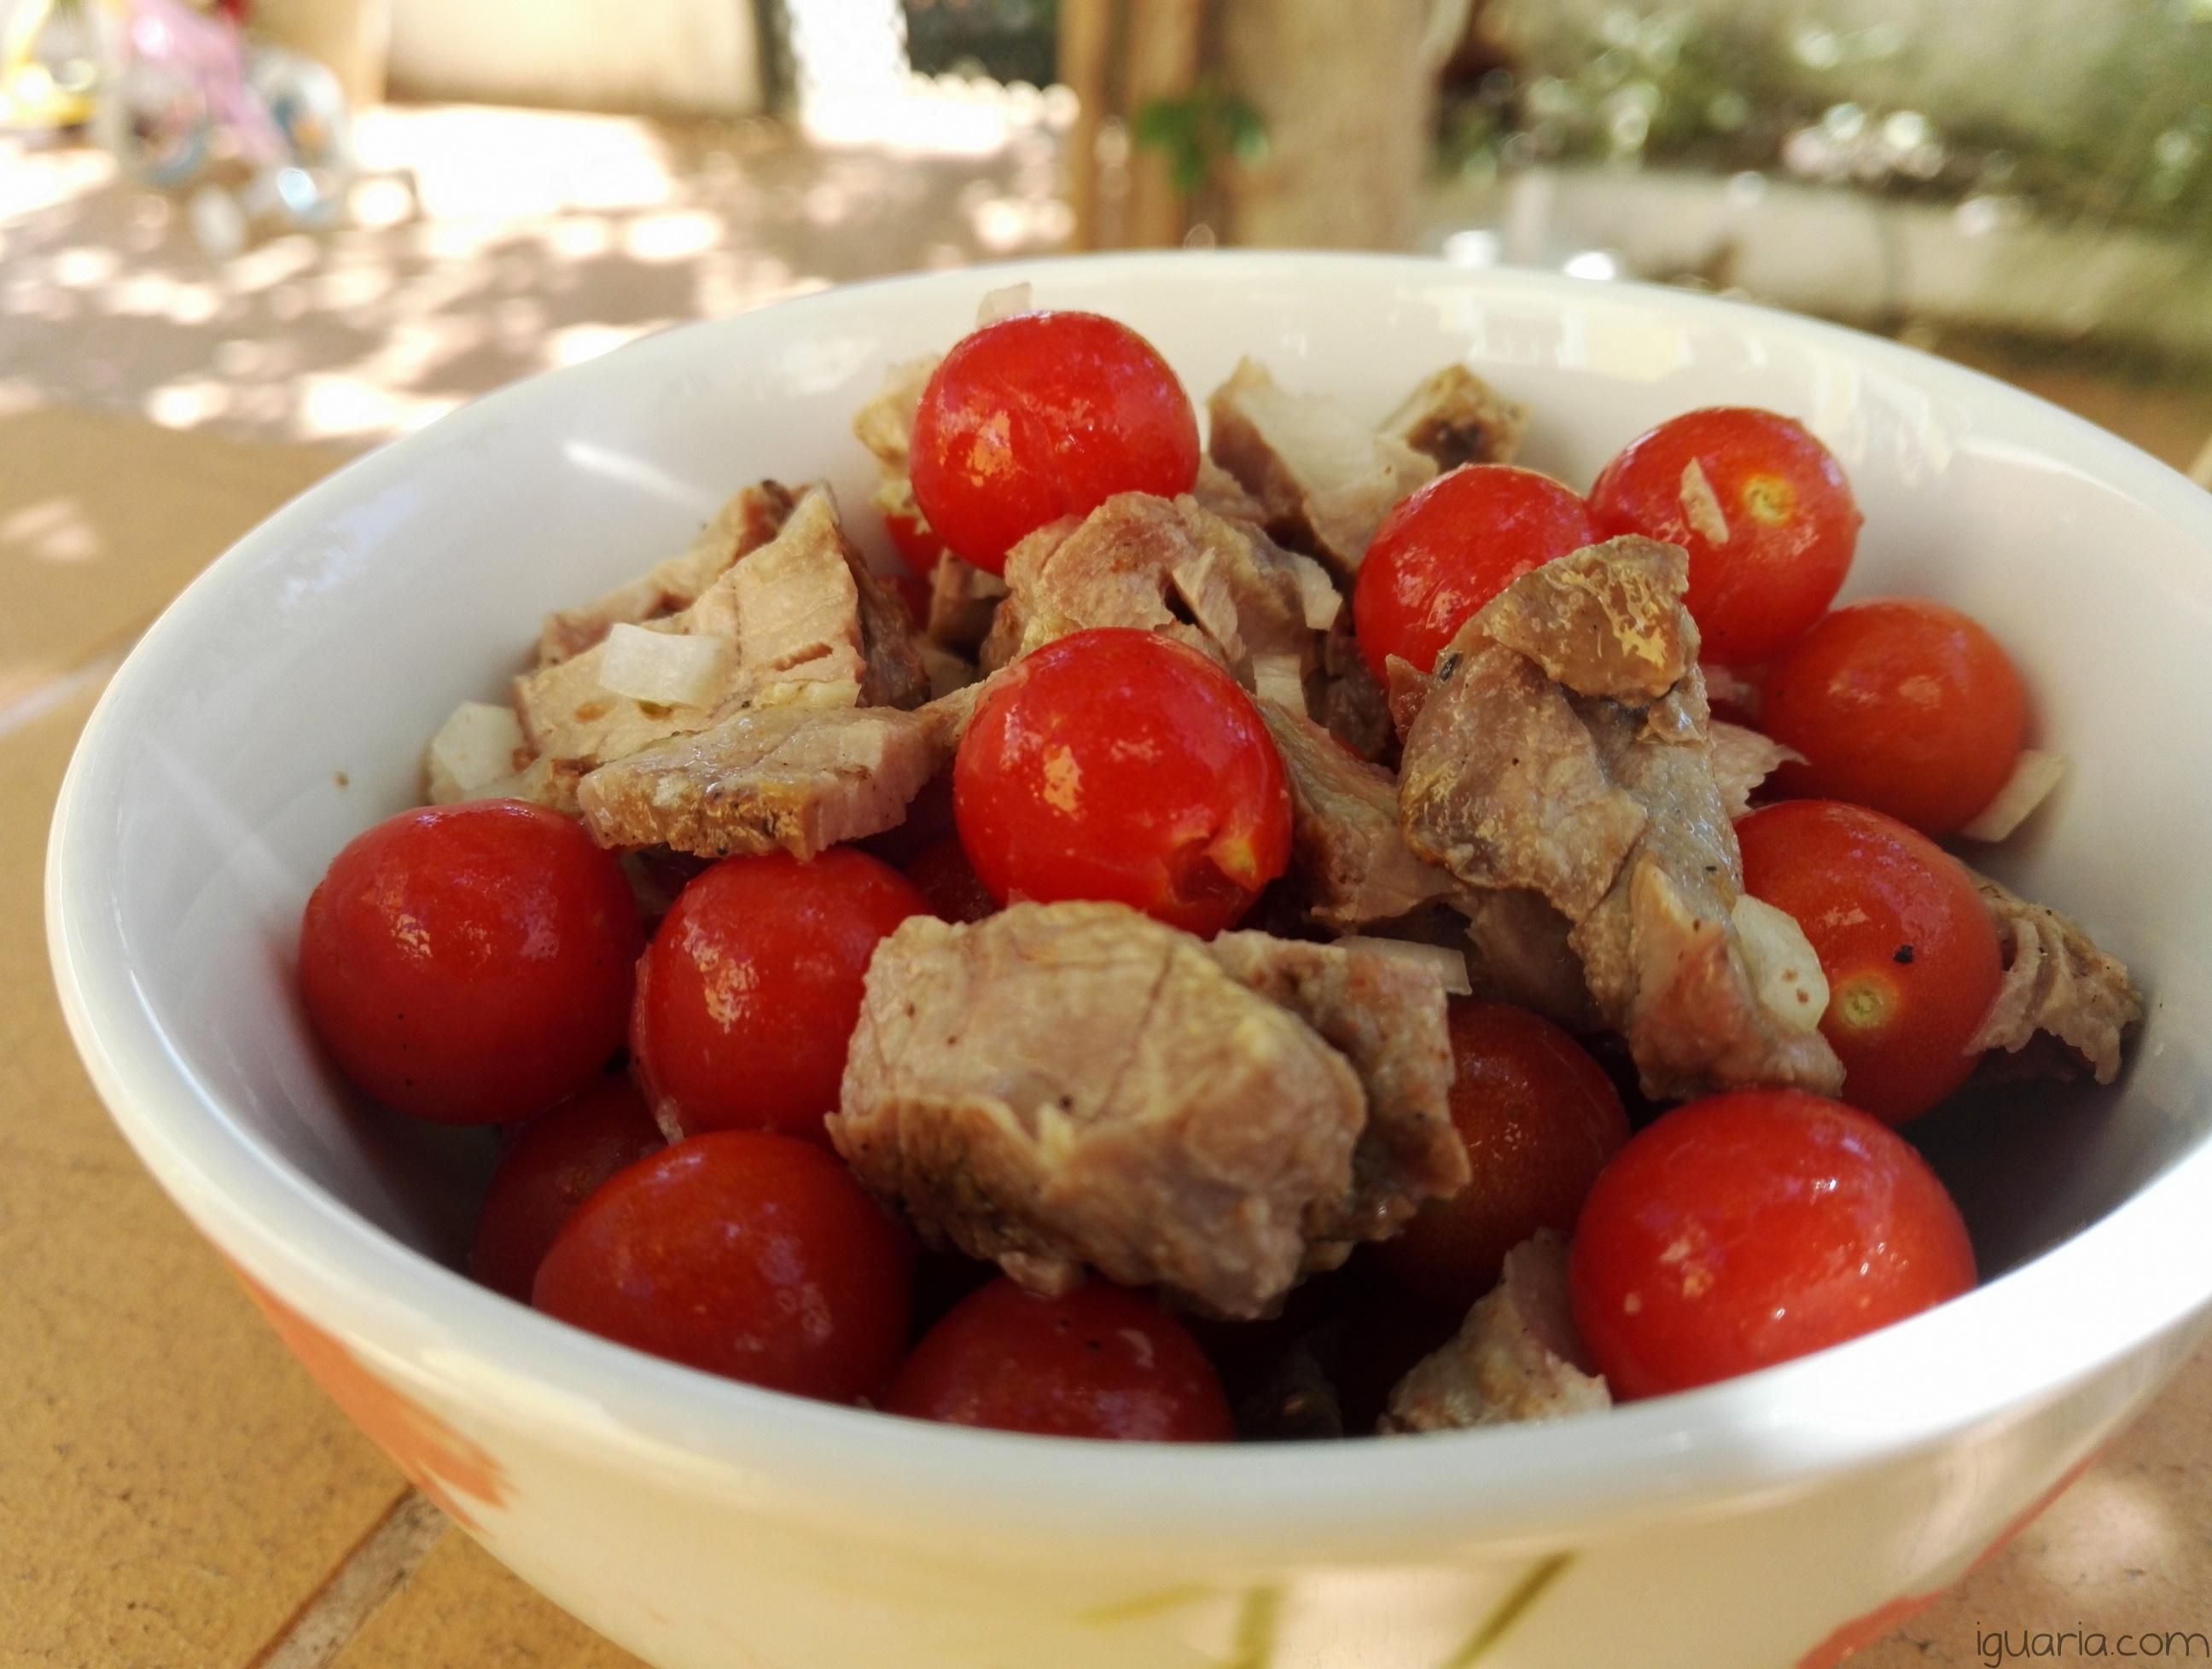 iguaria-salada-de-carne-e-tomates-cherry